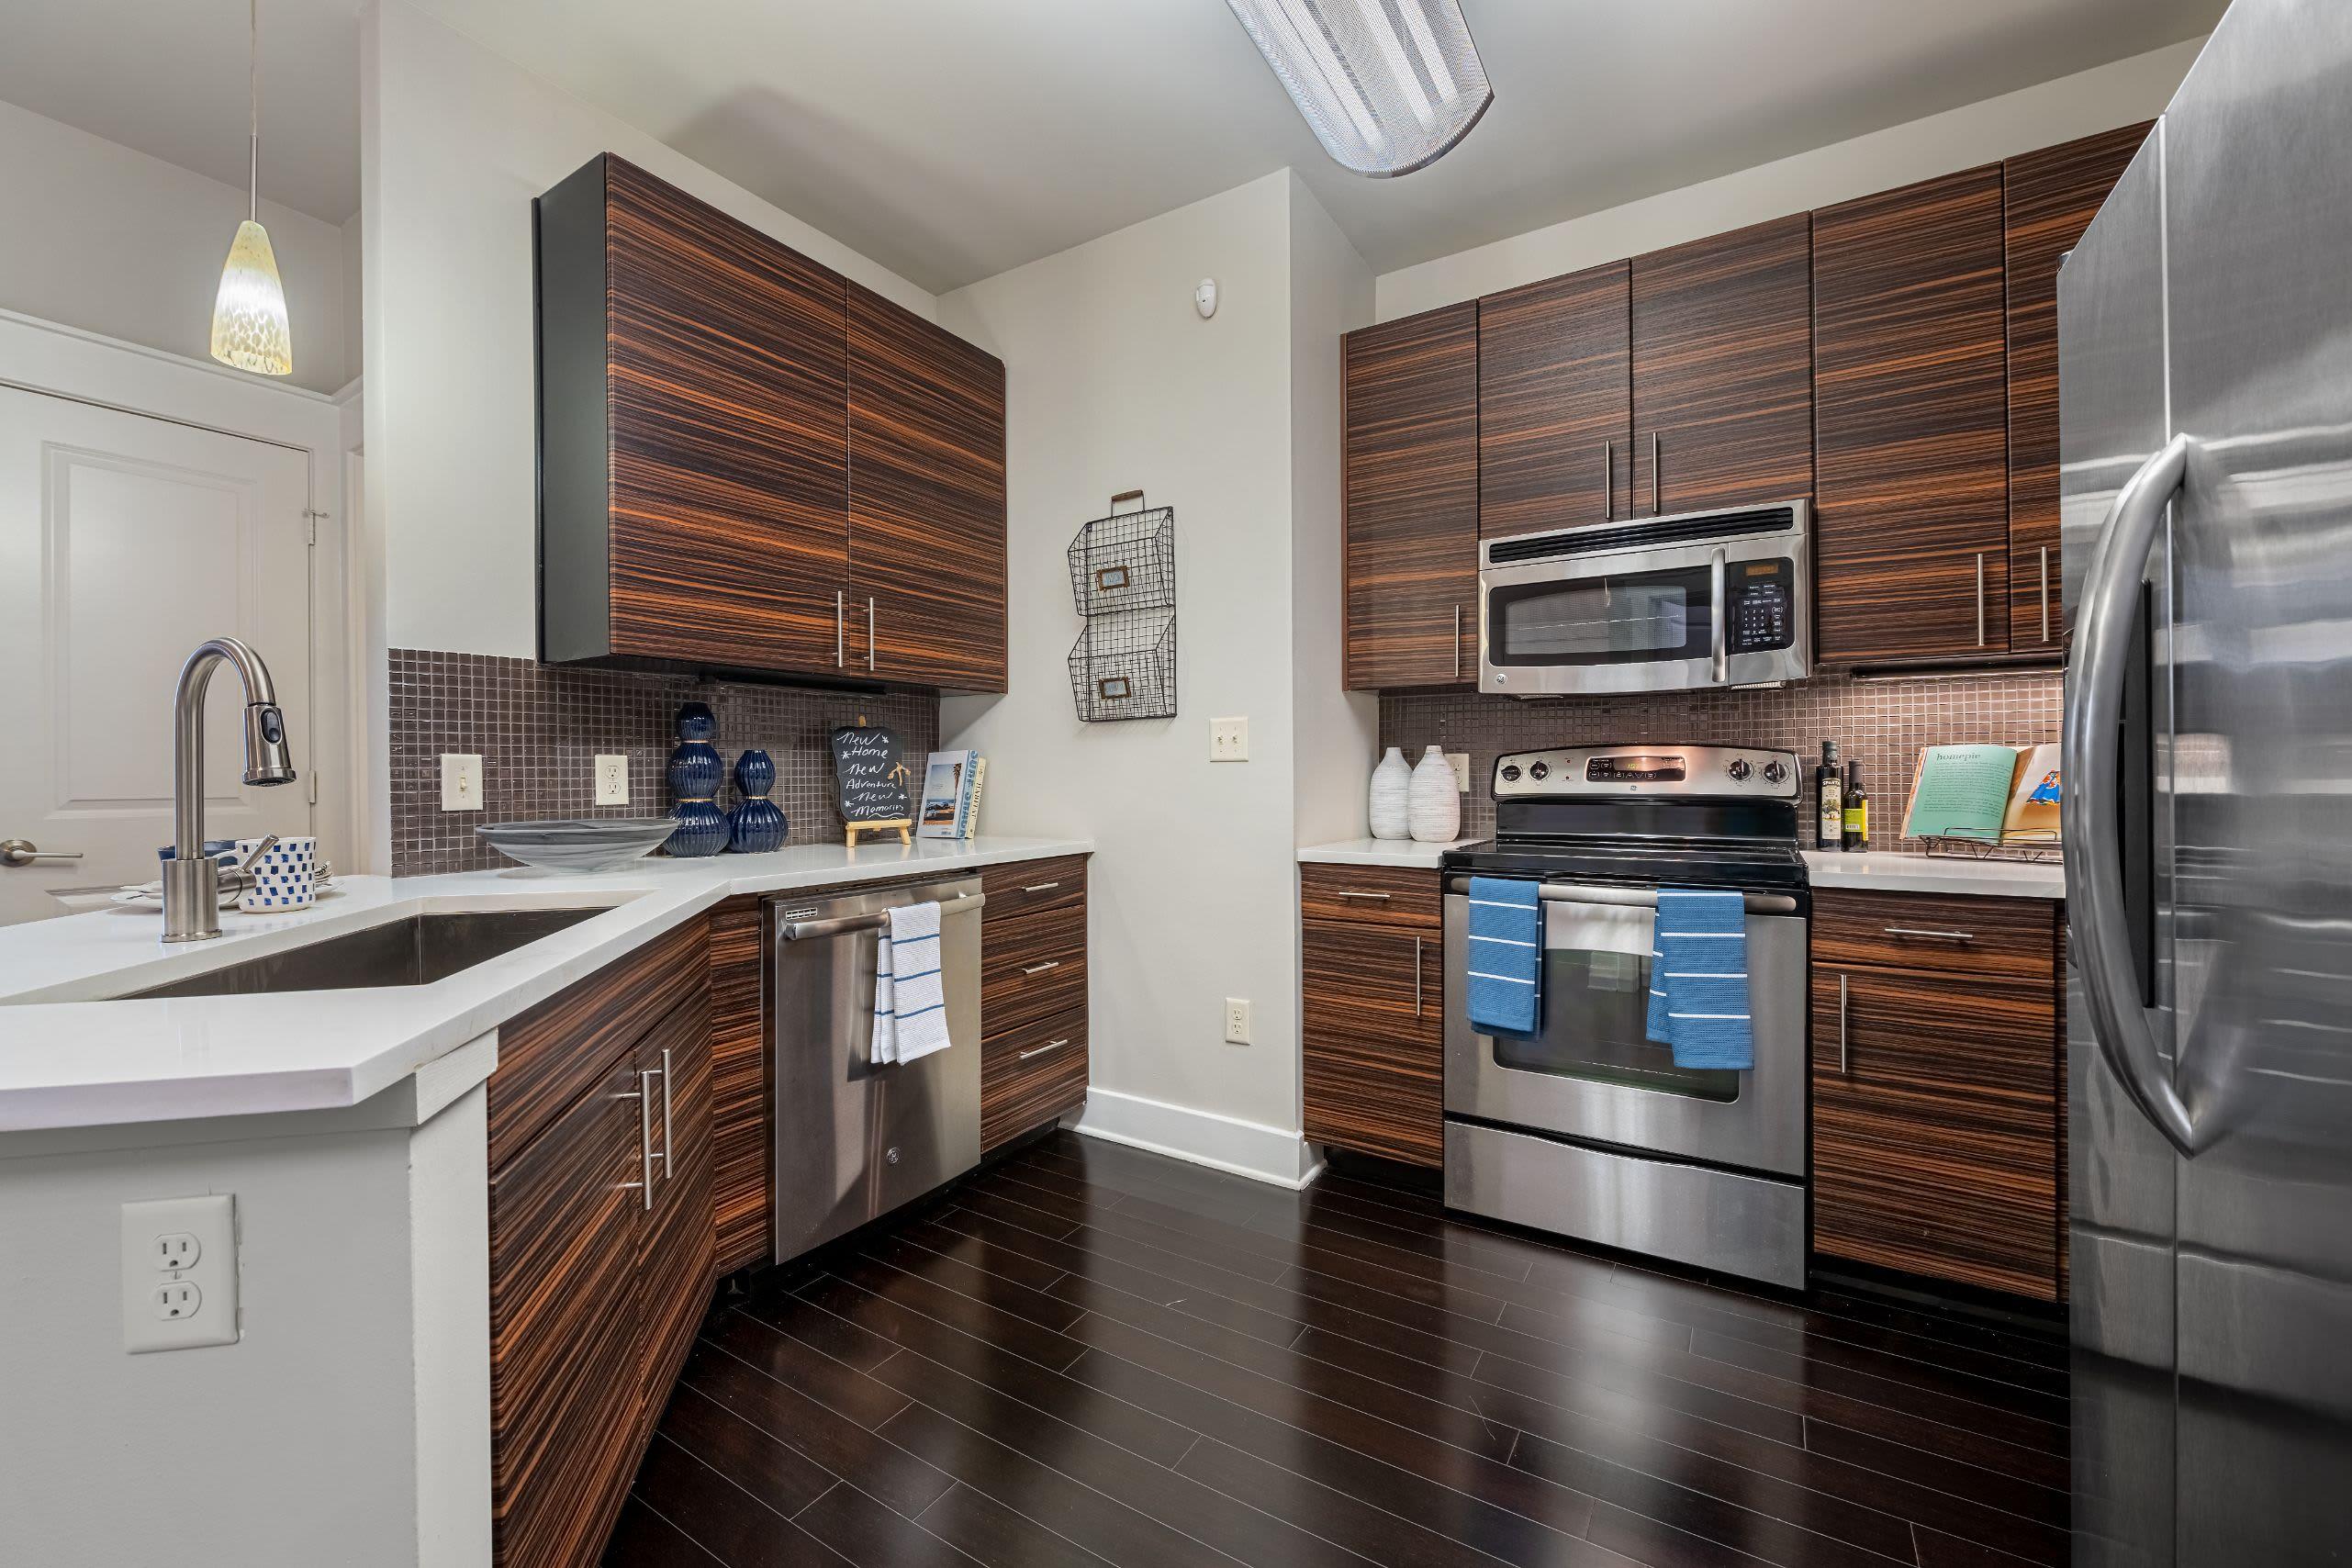 Kitchen with modern appliances at Marquis Cresta Bella in San Antonio, Texas